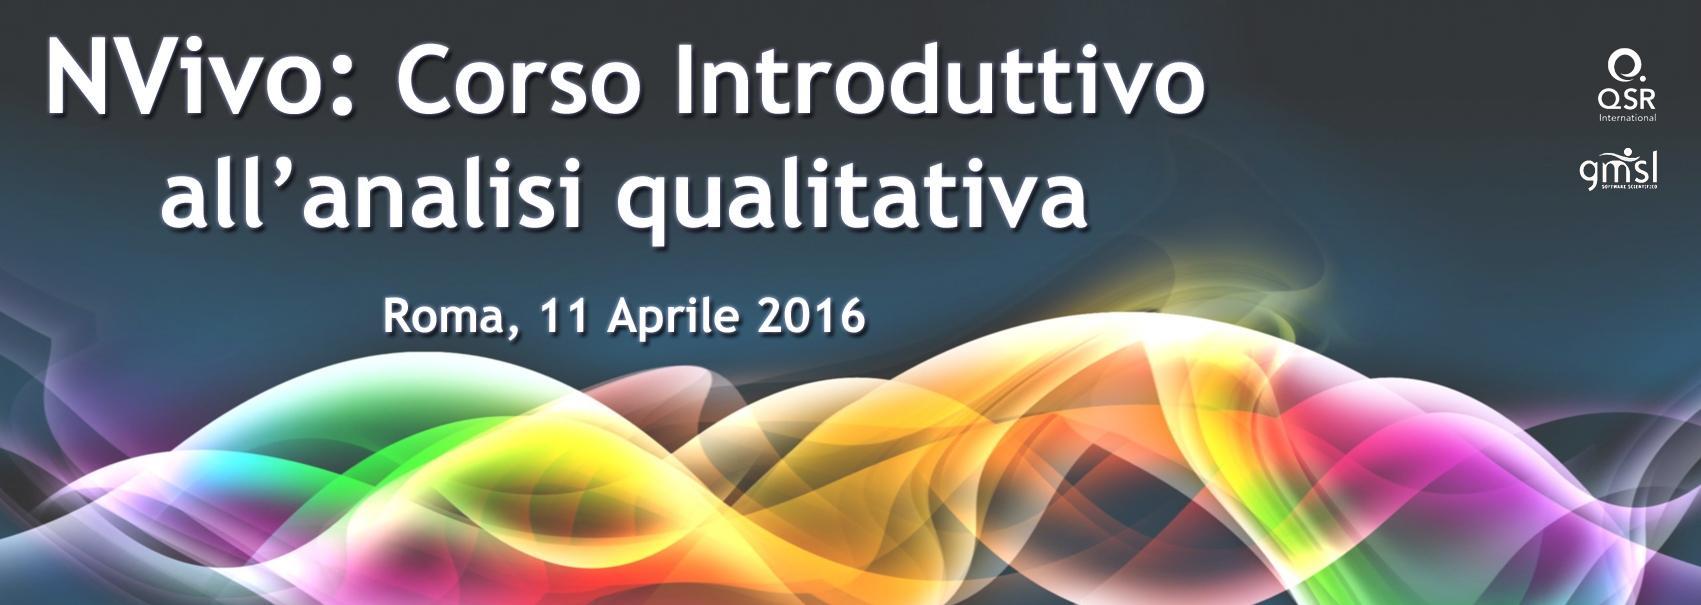 corso-NVivo_04_16psd-copia NVivo - Corso Introduttivo all'uso di NVivo per Analisi Qualitativa. Roma, 11 Aprile